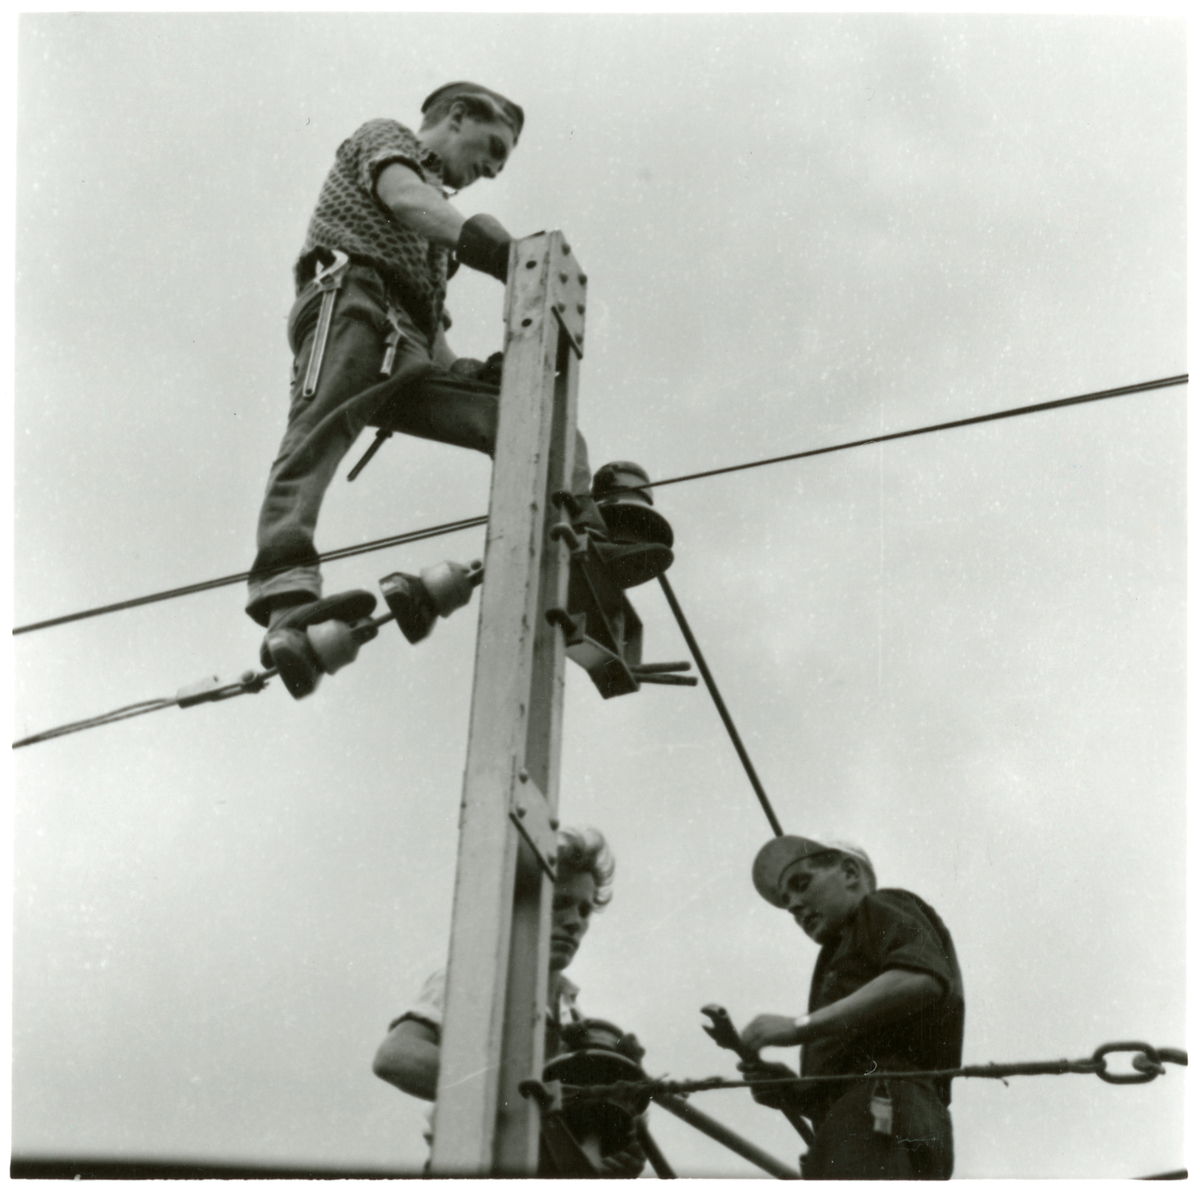 Elektrifierings och linjearbete.